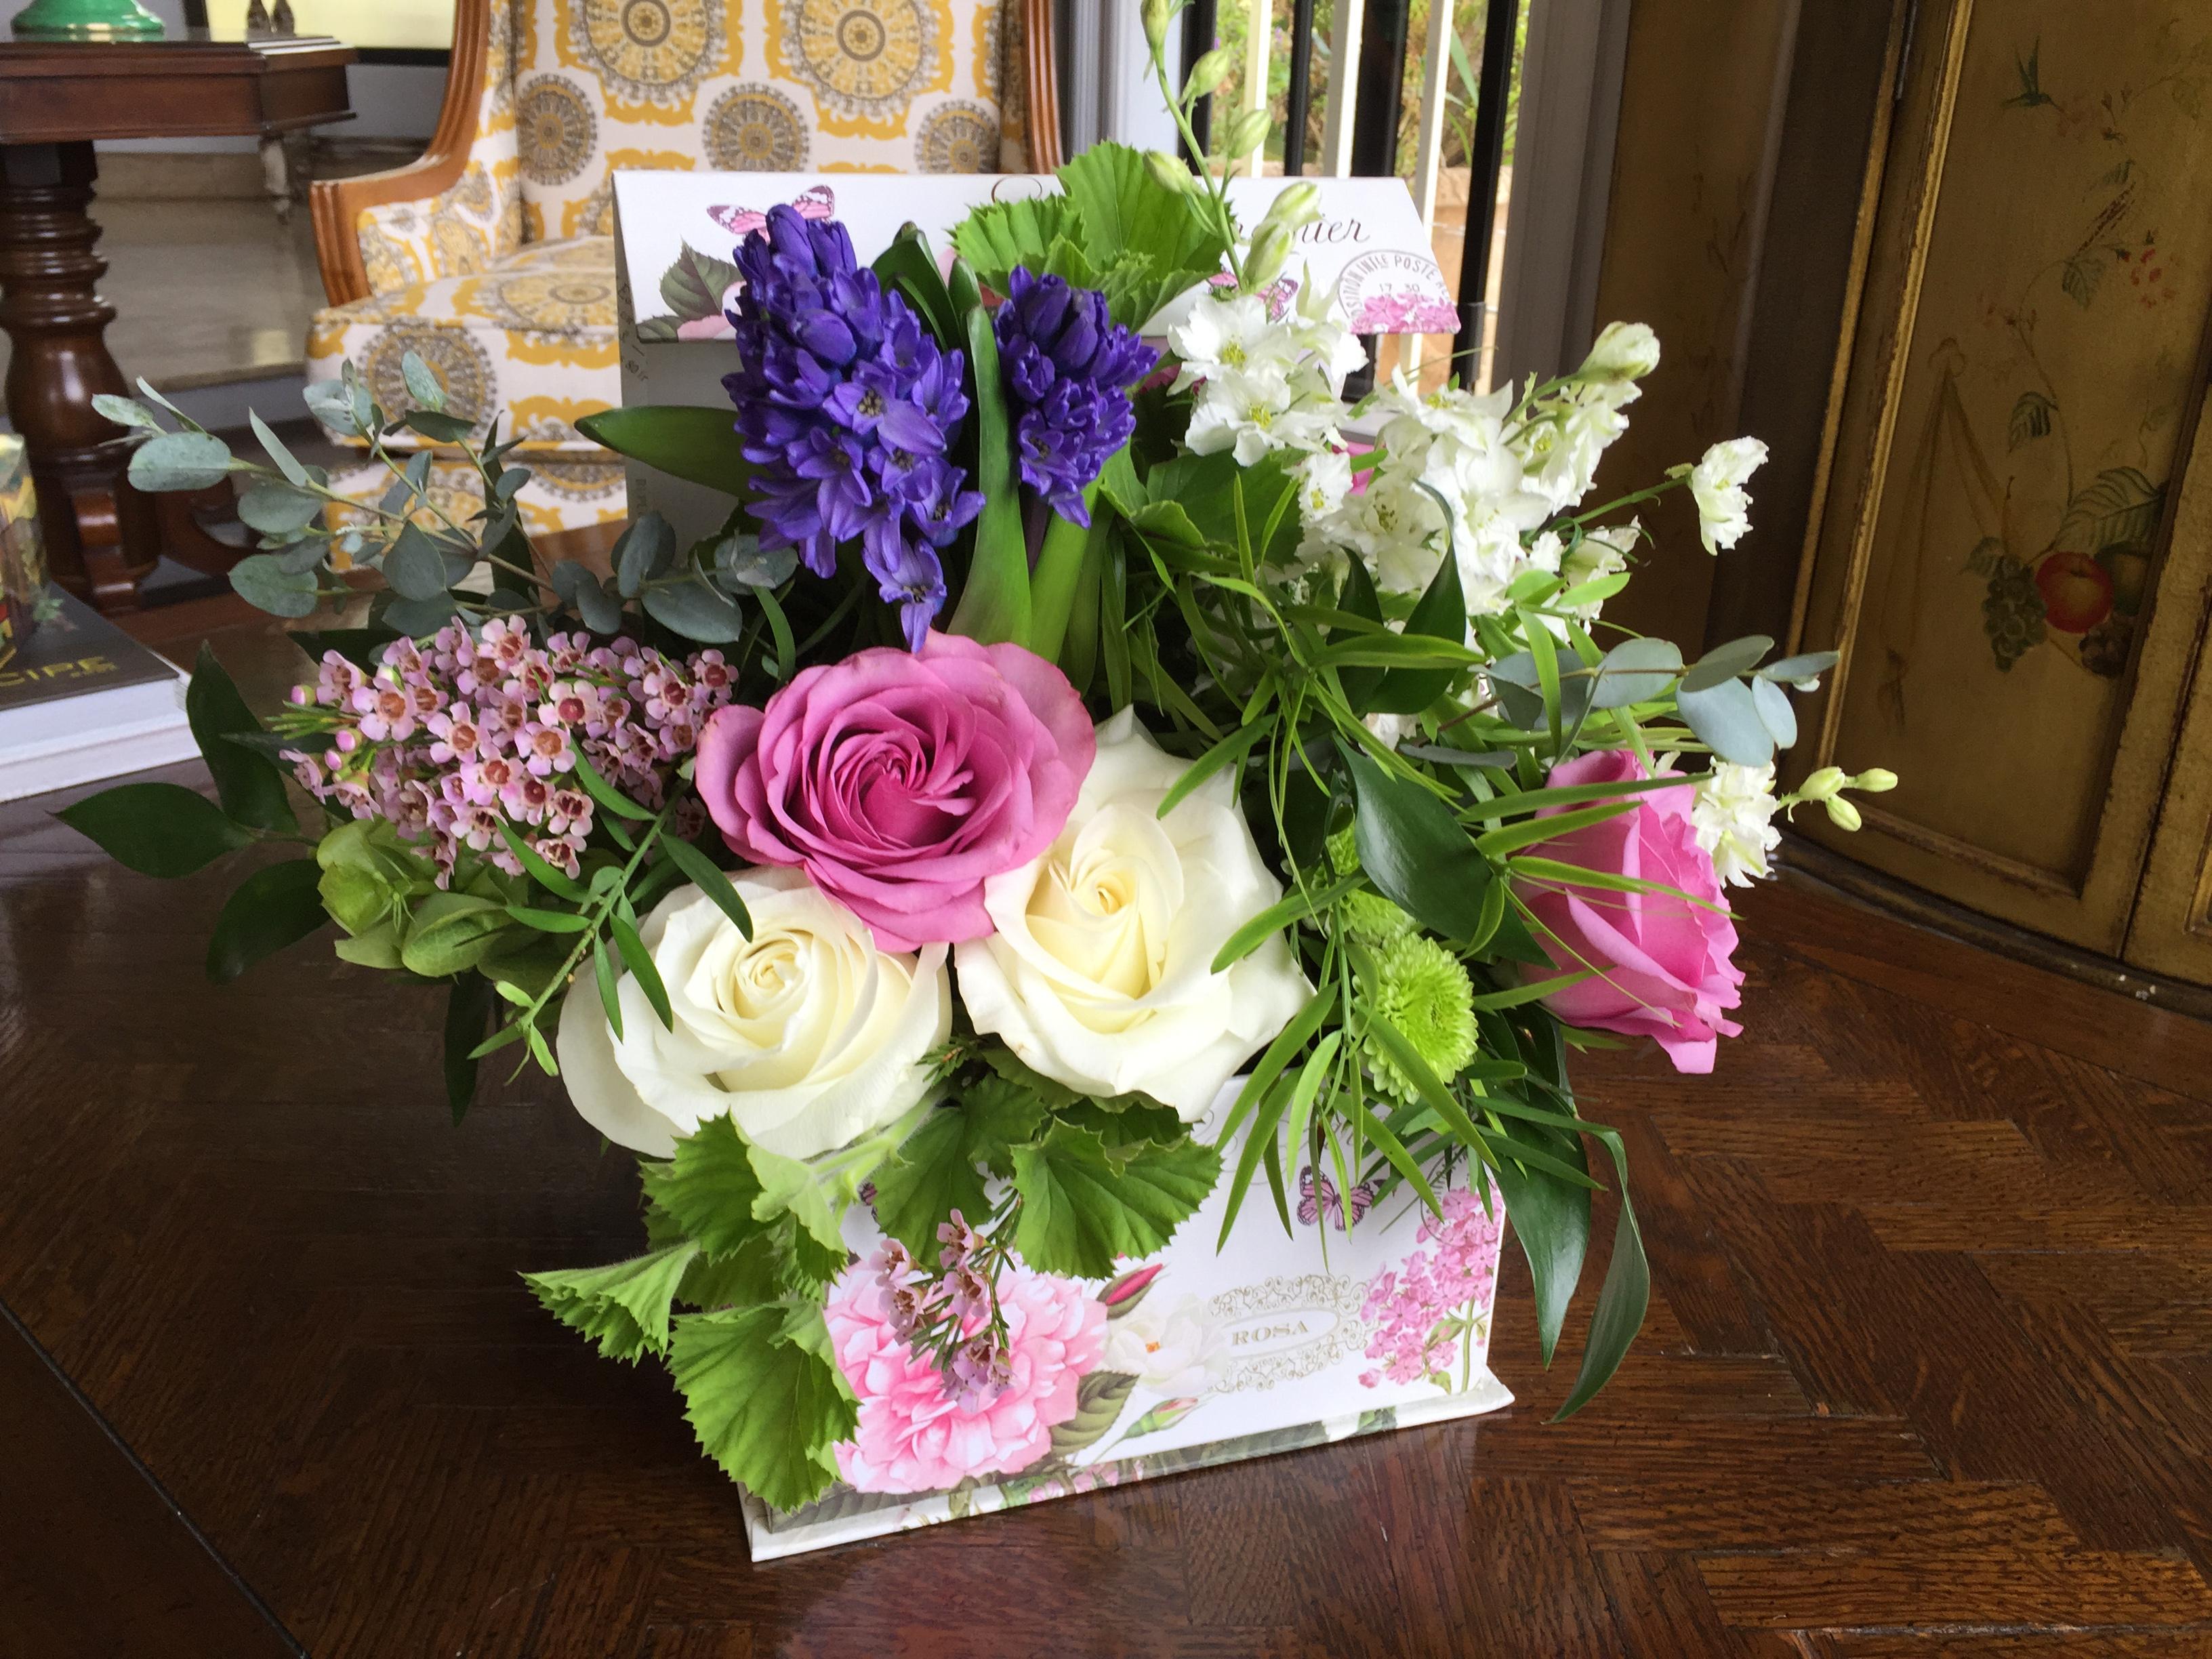 Jacintos, una de las flores más perfumadas que hay. | Ana Galena